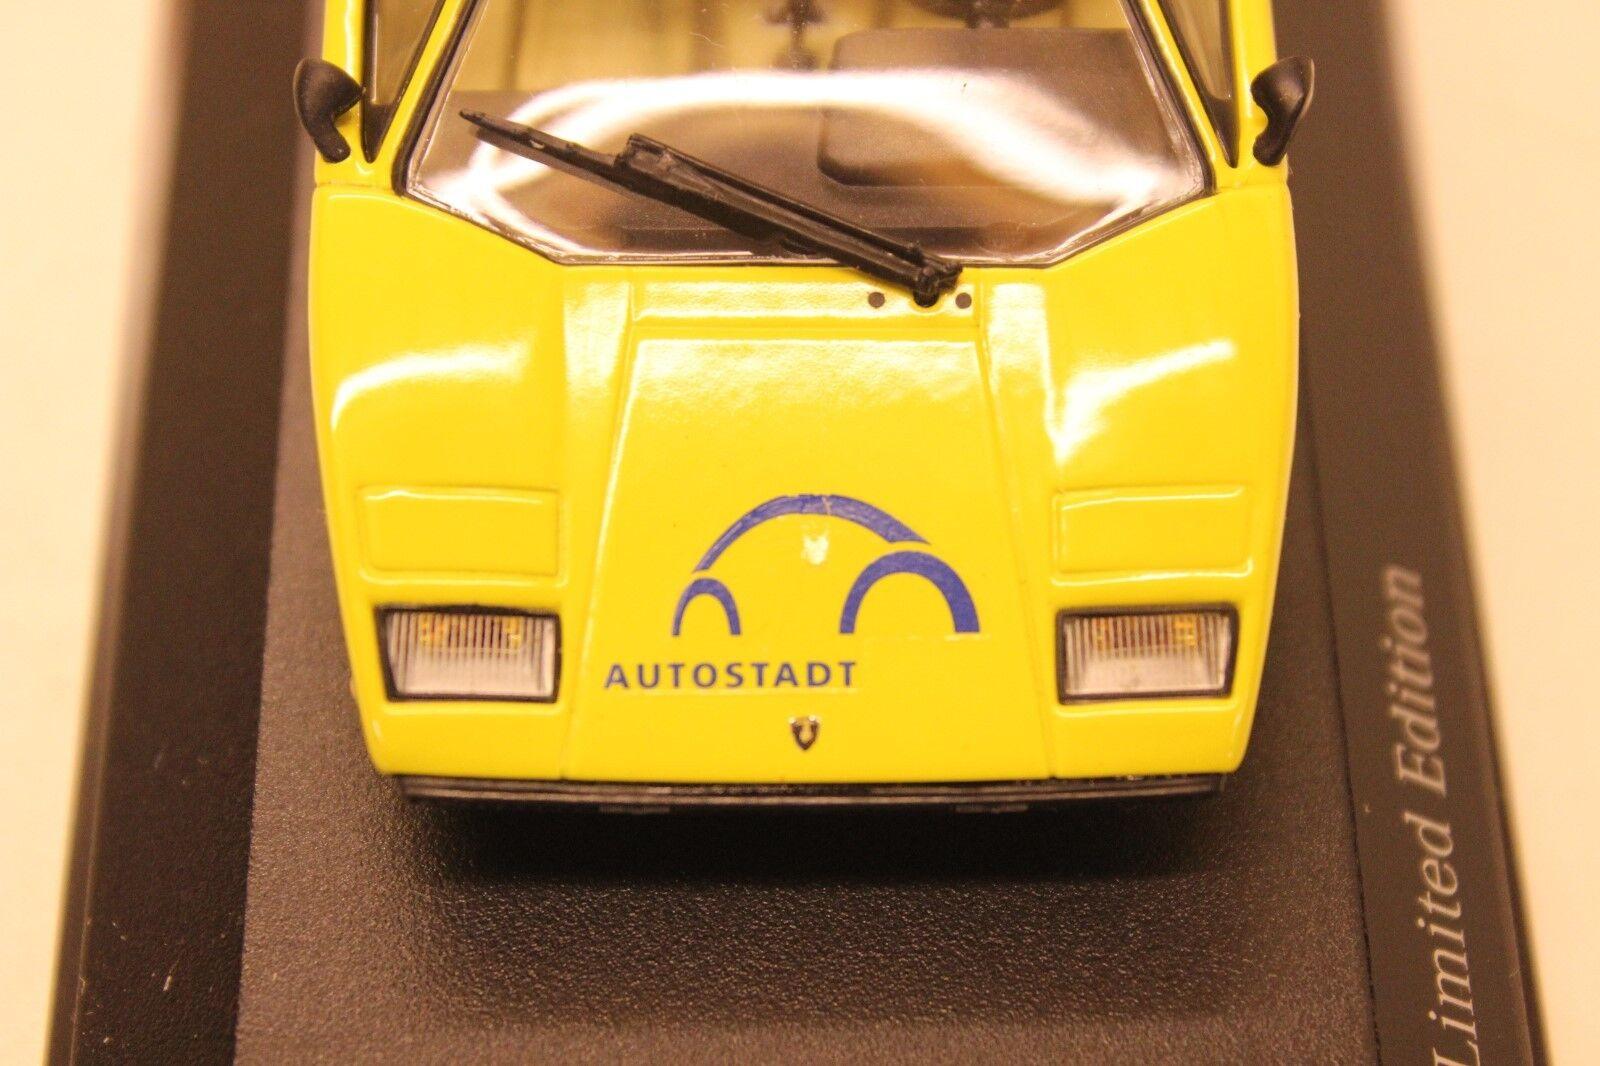 Minichamps Autostadt LAMBOURGHINI LAMBOURGHINI LAMBOURGHINI 1 de 400 un. individuay Numerada Ultra Raro 45664a